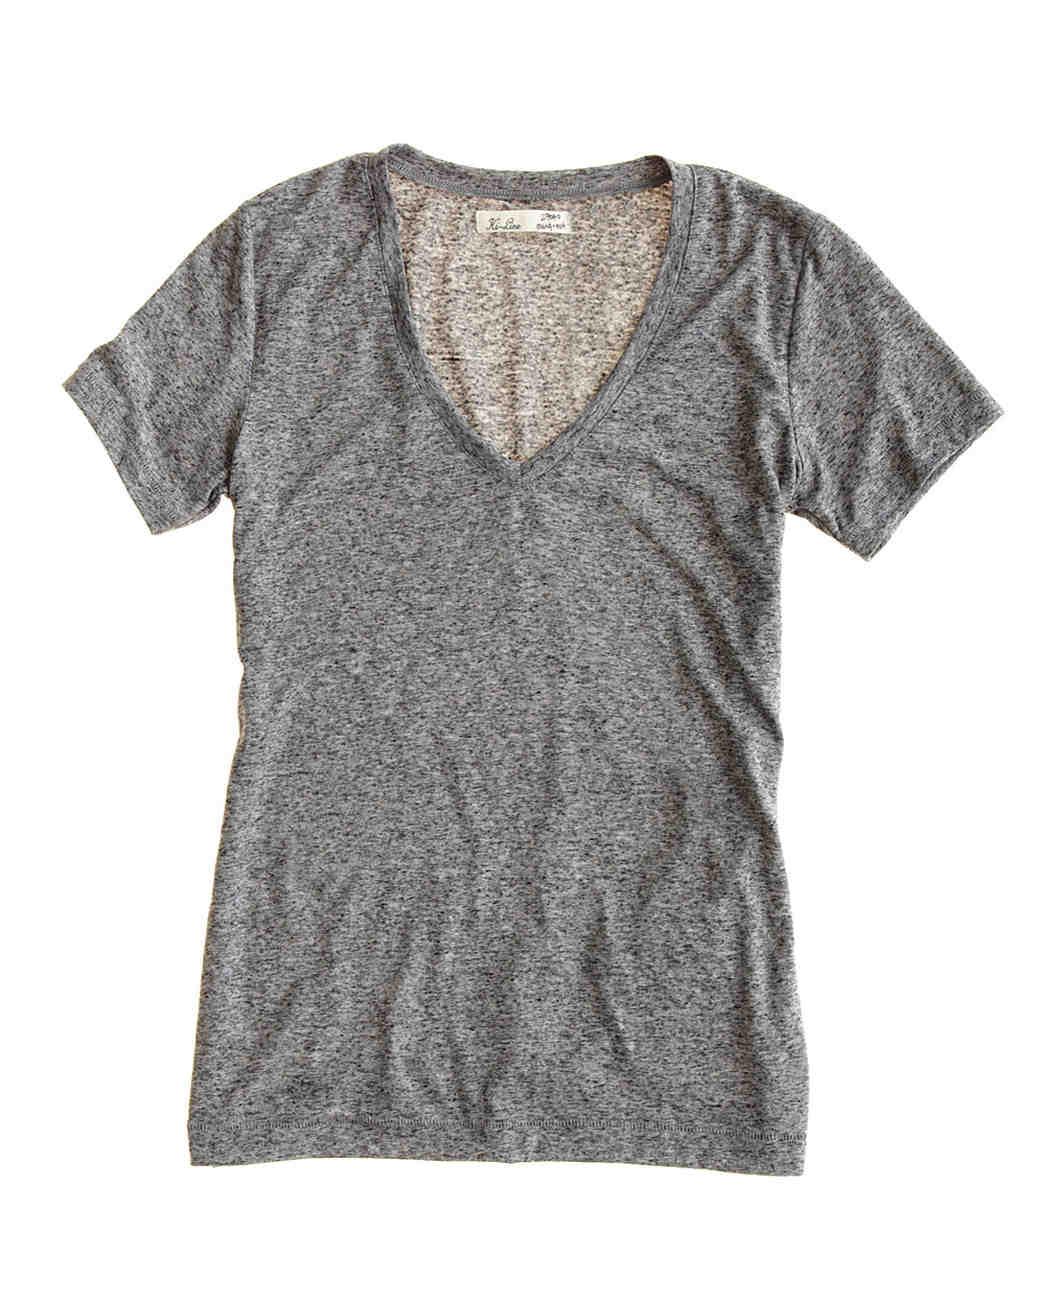 travel-accessories-tshirt-mwd107604.jpg